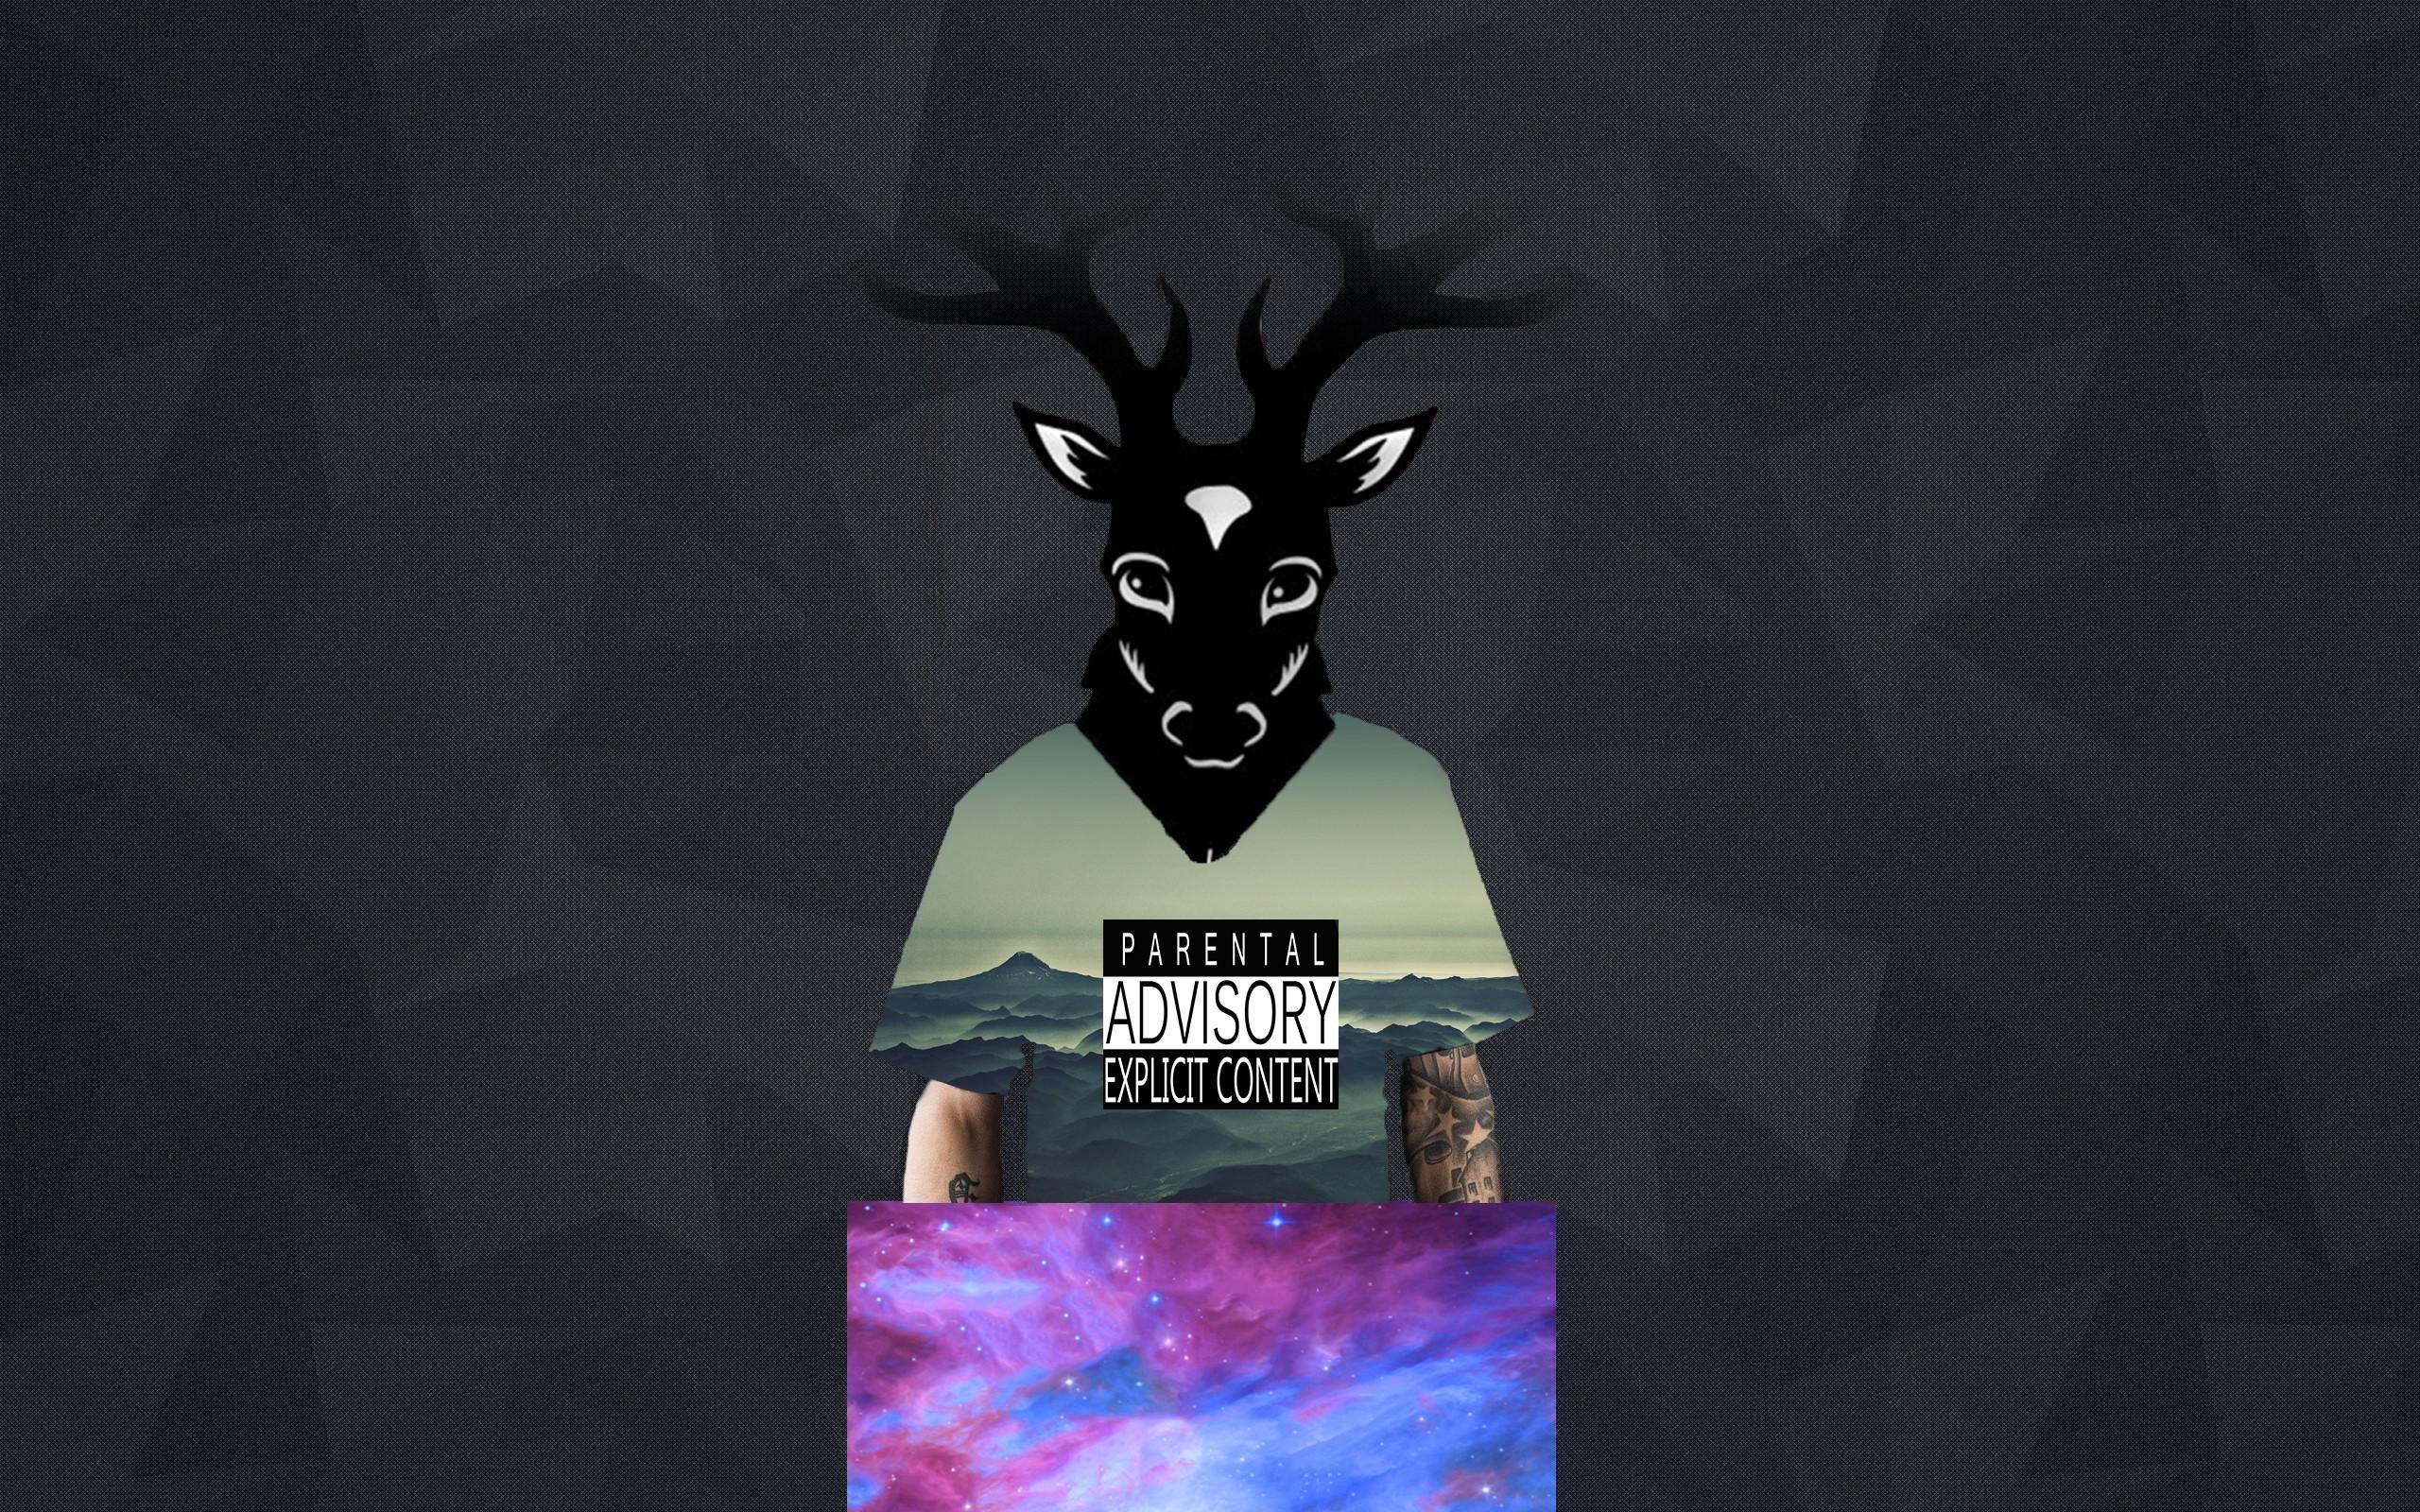 Sfondi Nero Illustrazione Cervo Mare Astratto Spazio Cielo